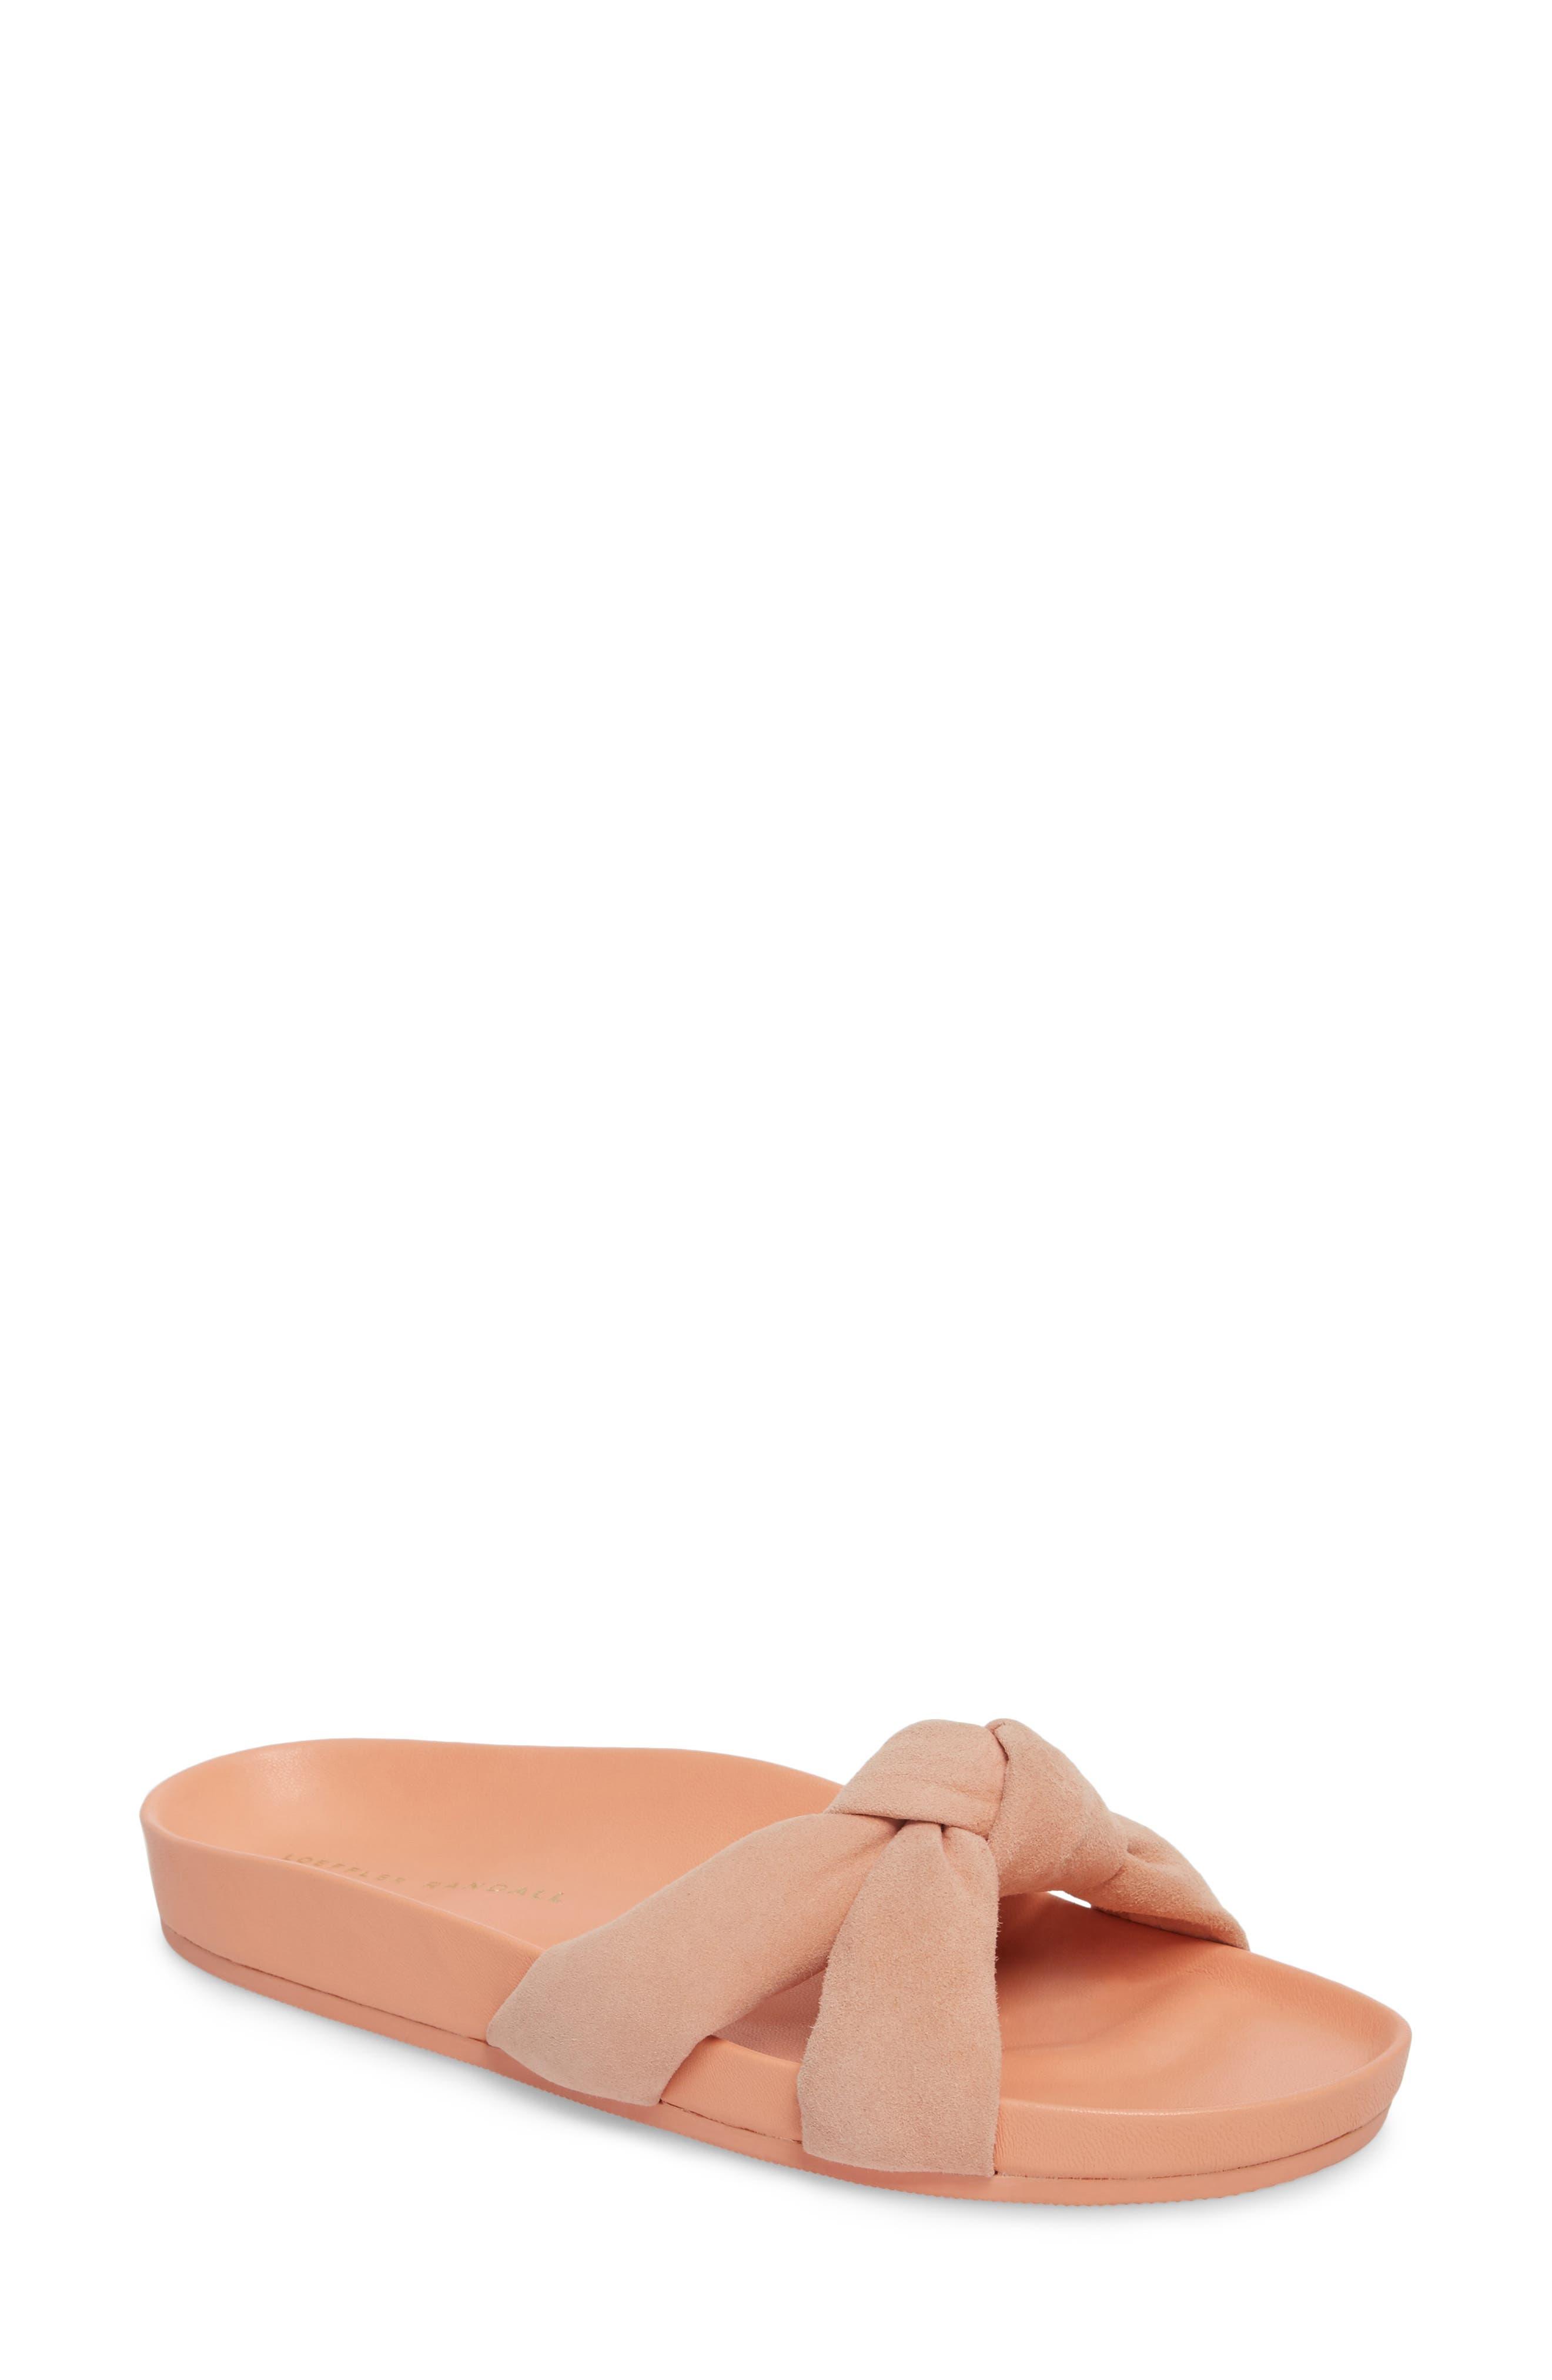 Gertie Knotted Slide Sandal,                             Main thumbnail 1, color,                             MELON